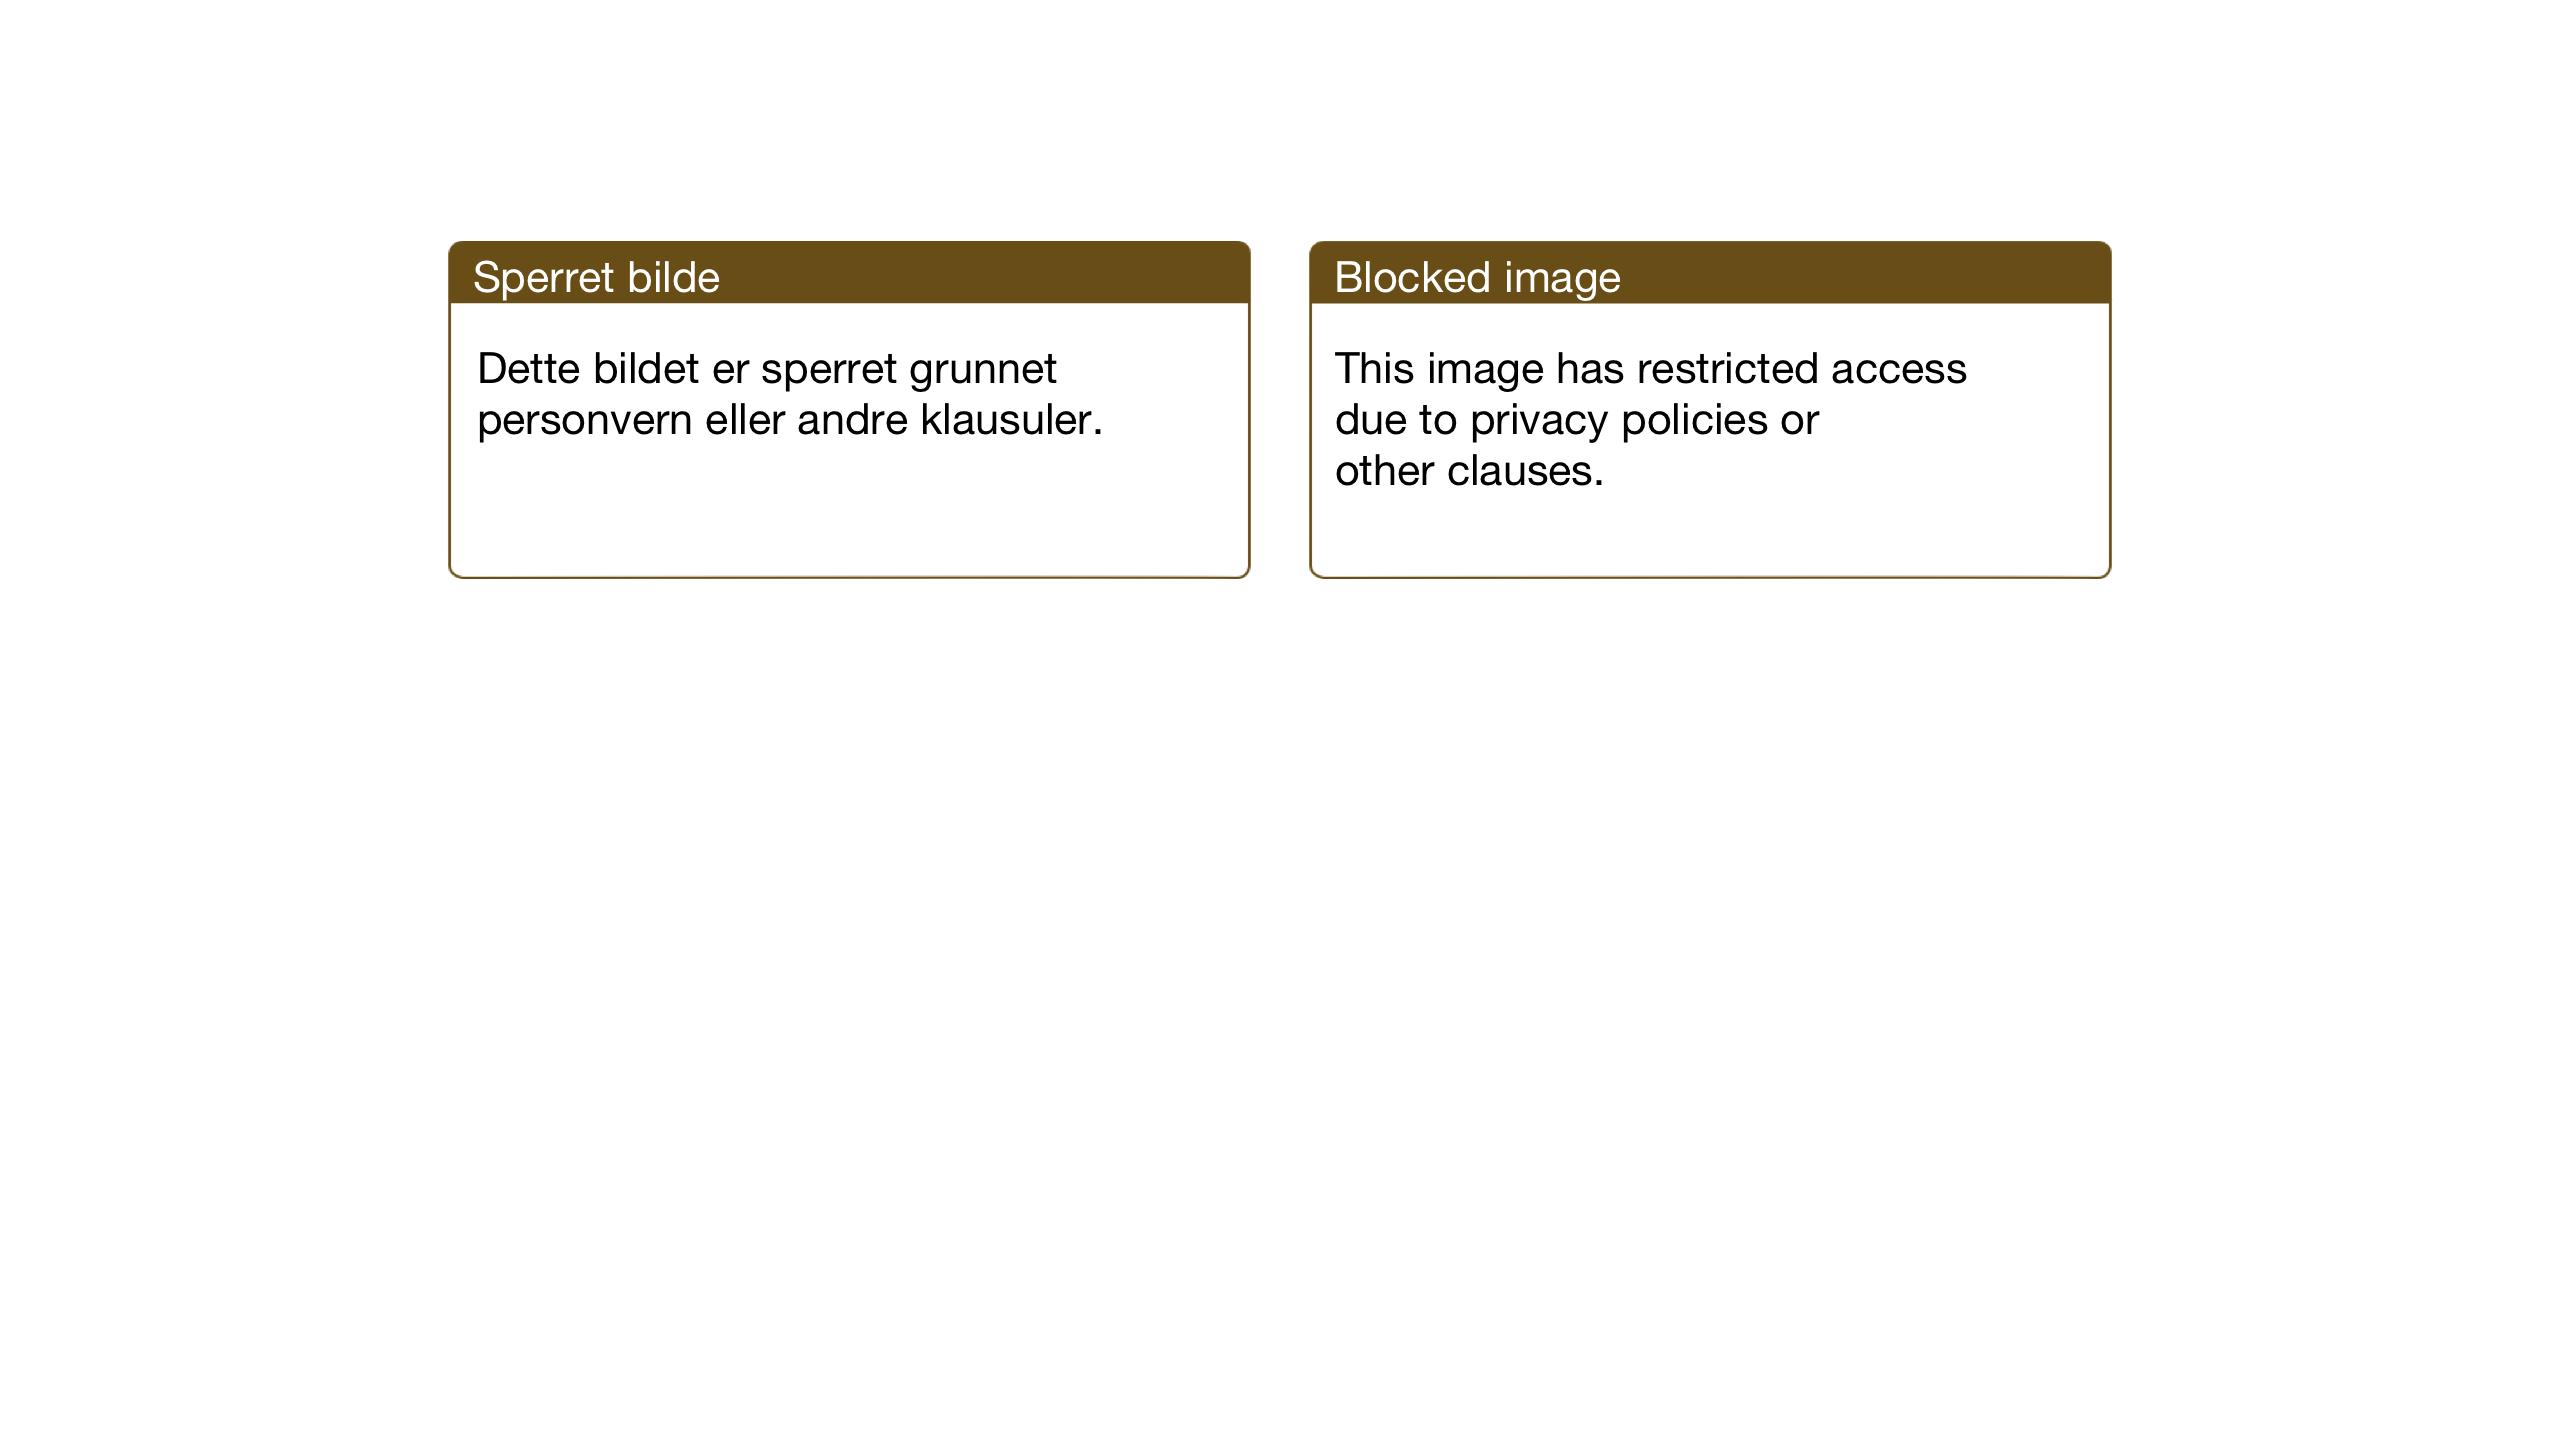 SAT, Ministerialprotokoller, klokkerbøker og fødselsregistre - Sør-Trøndelag, 663/L0764: Klokkerbok nr. 663C04, 1925-1949